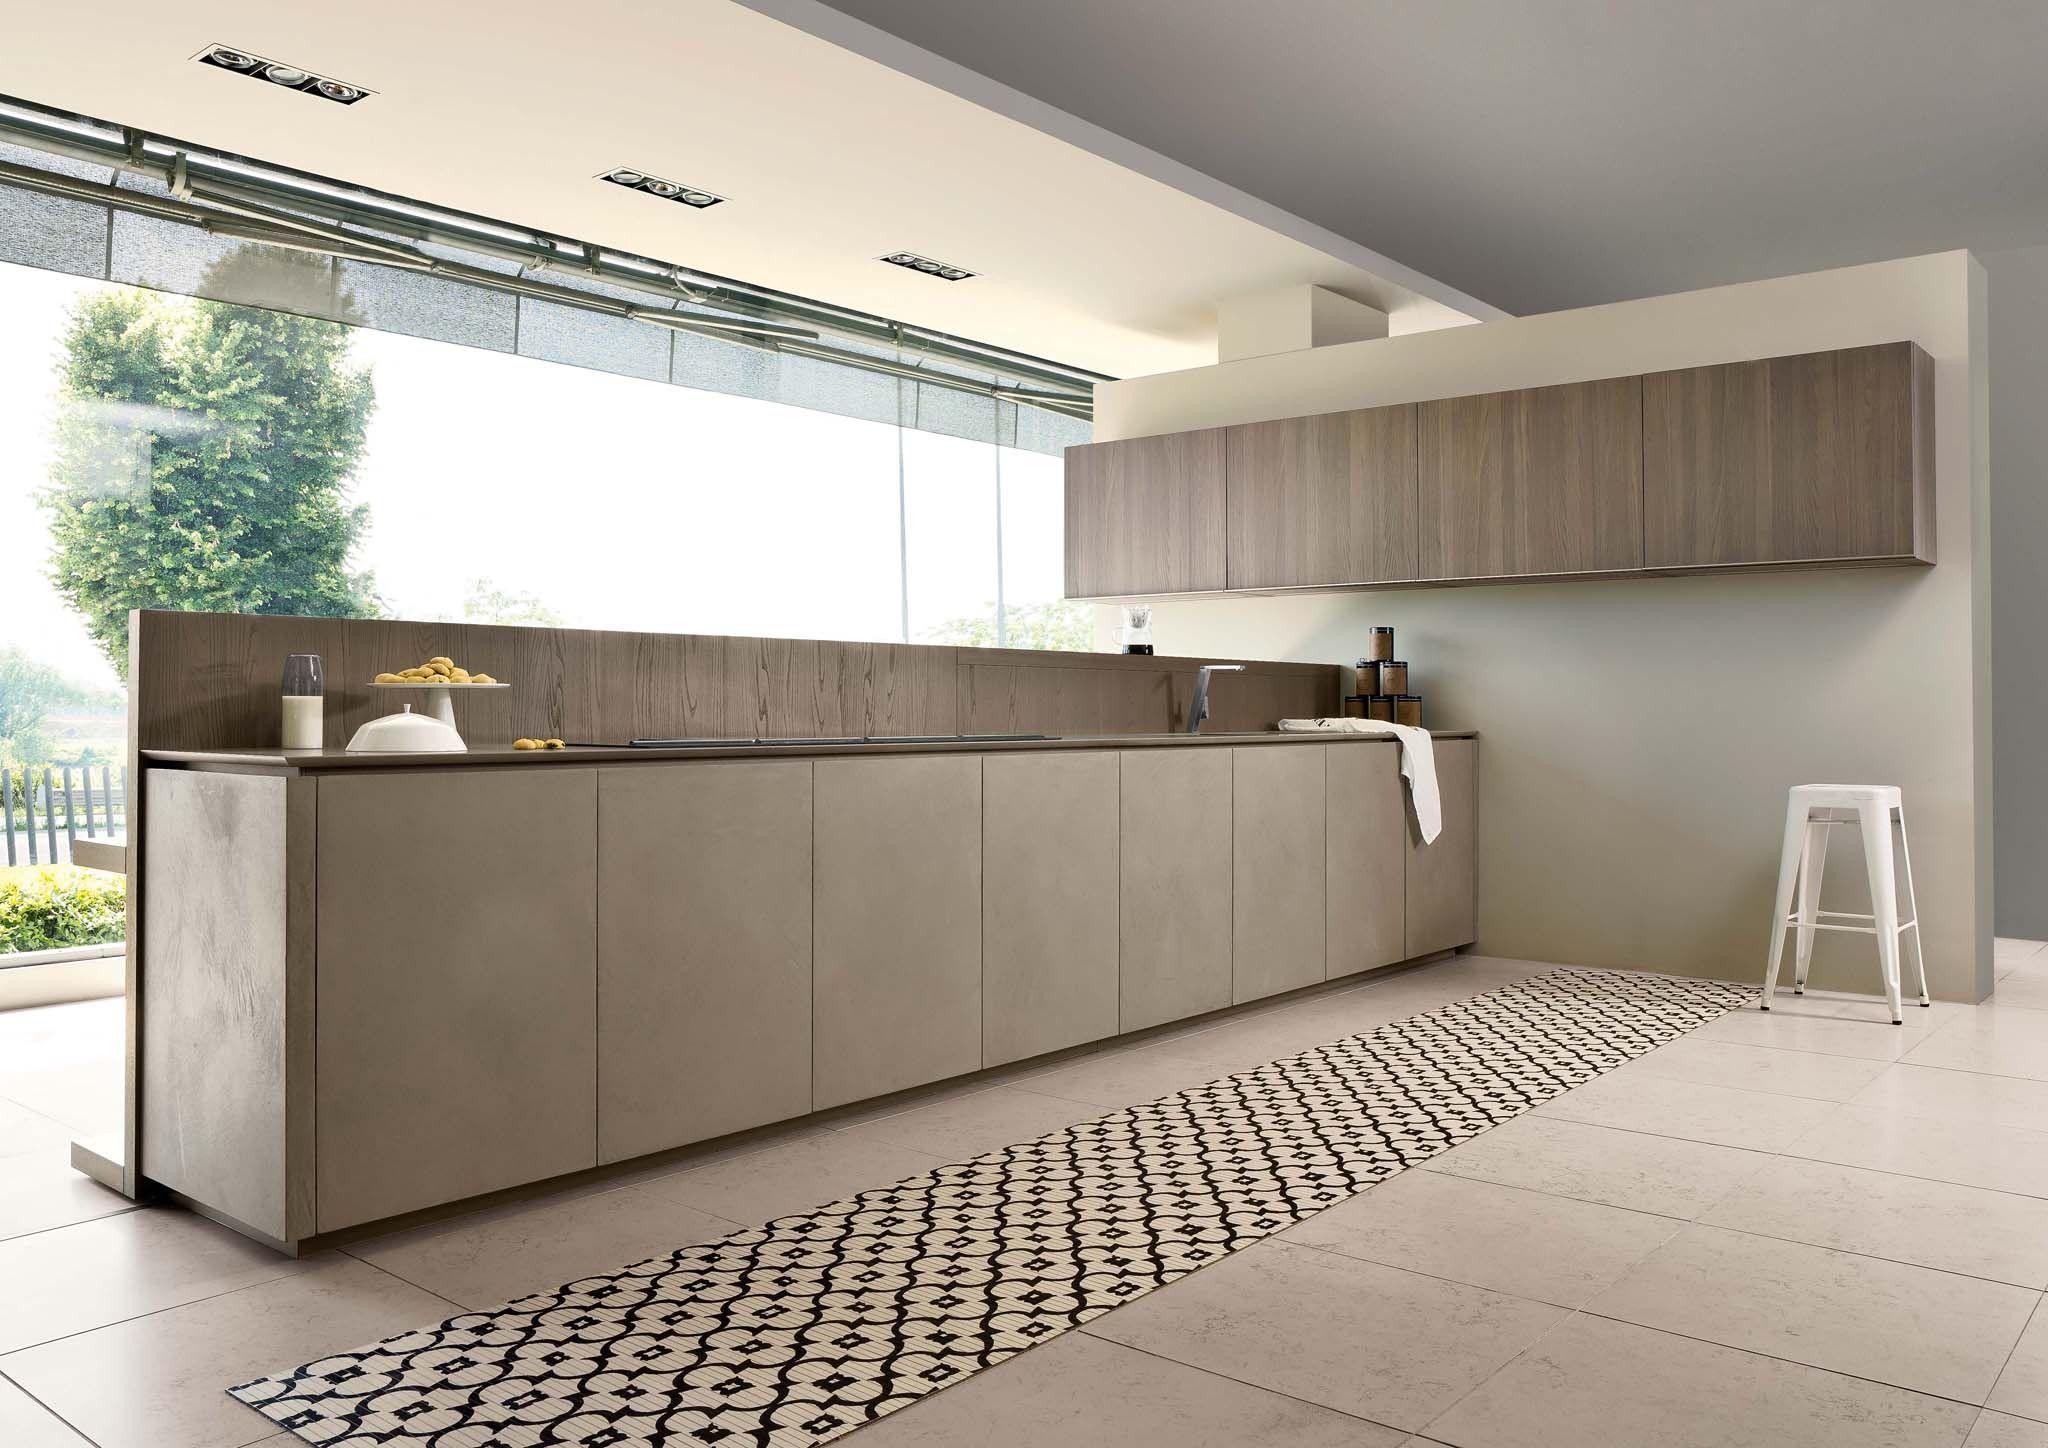 Comprex cucine opinioni it en fr with comprex cucine - Veneta cucine opinioni ...